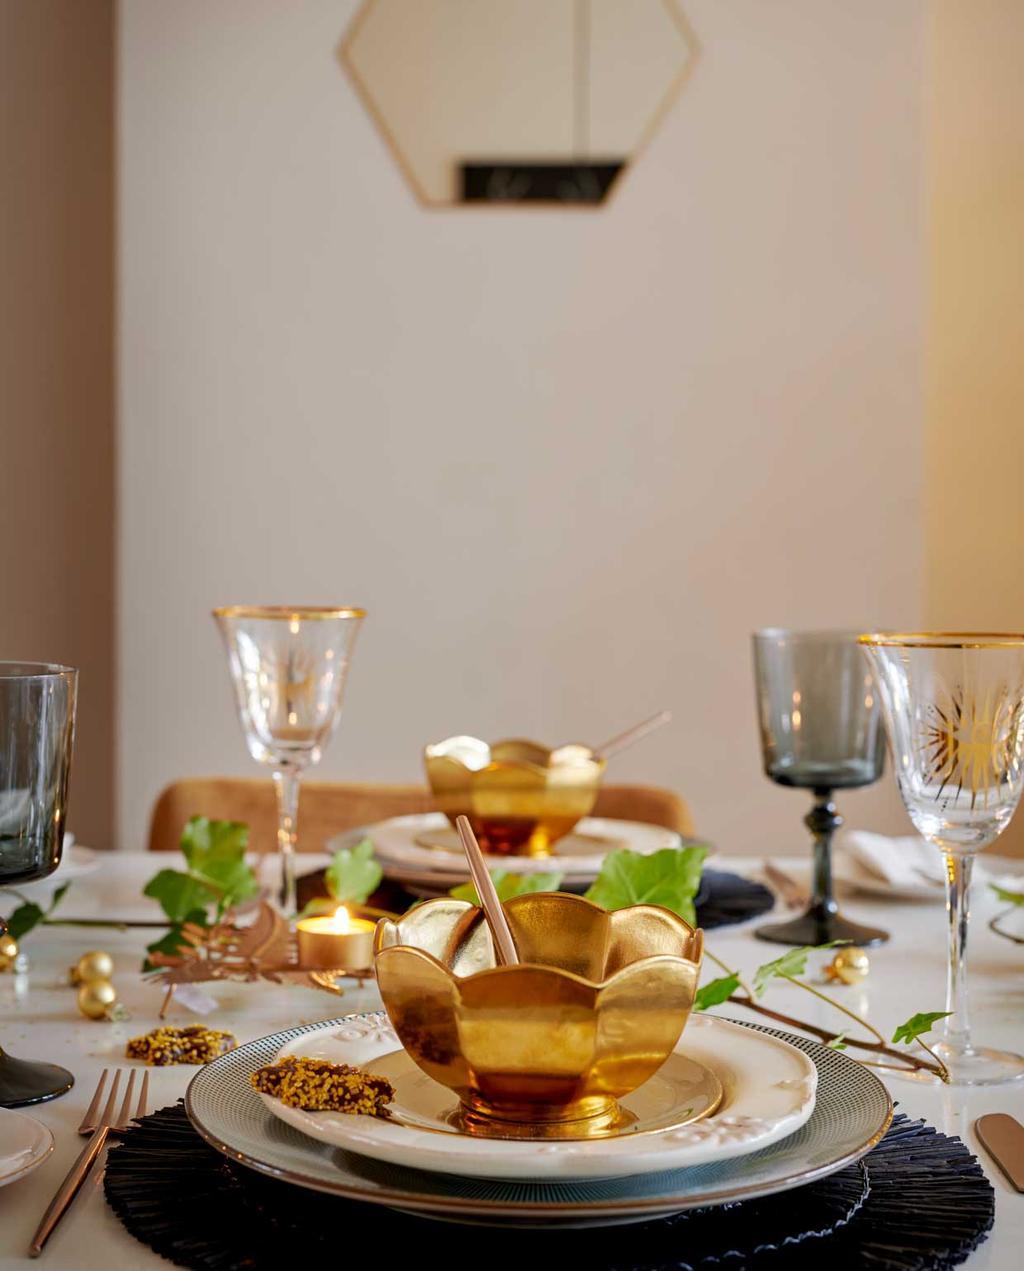 vtwonen 12-2020 | binnenkijken 100 jaar oud herenhuis haarlem | gedekte kerst tafel met gouden kommetjes